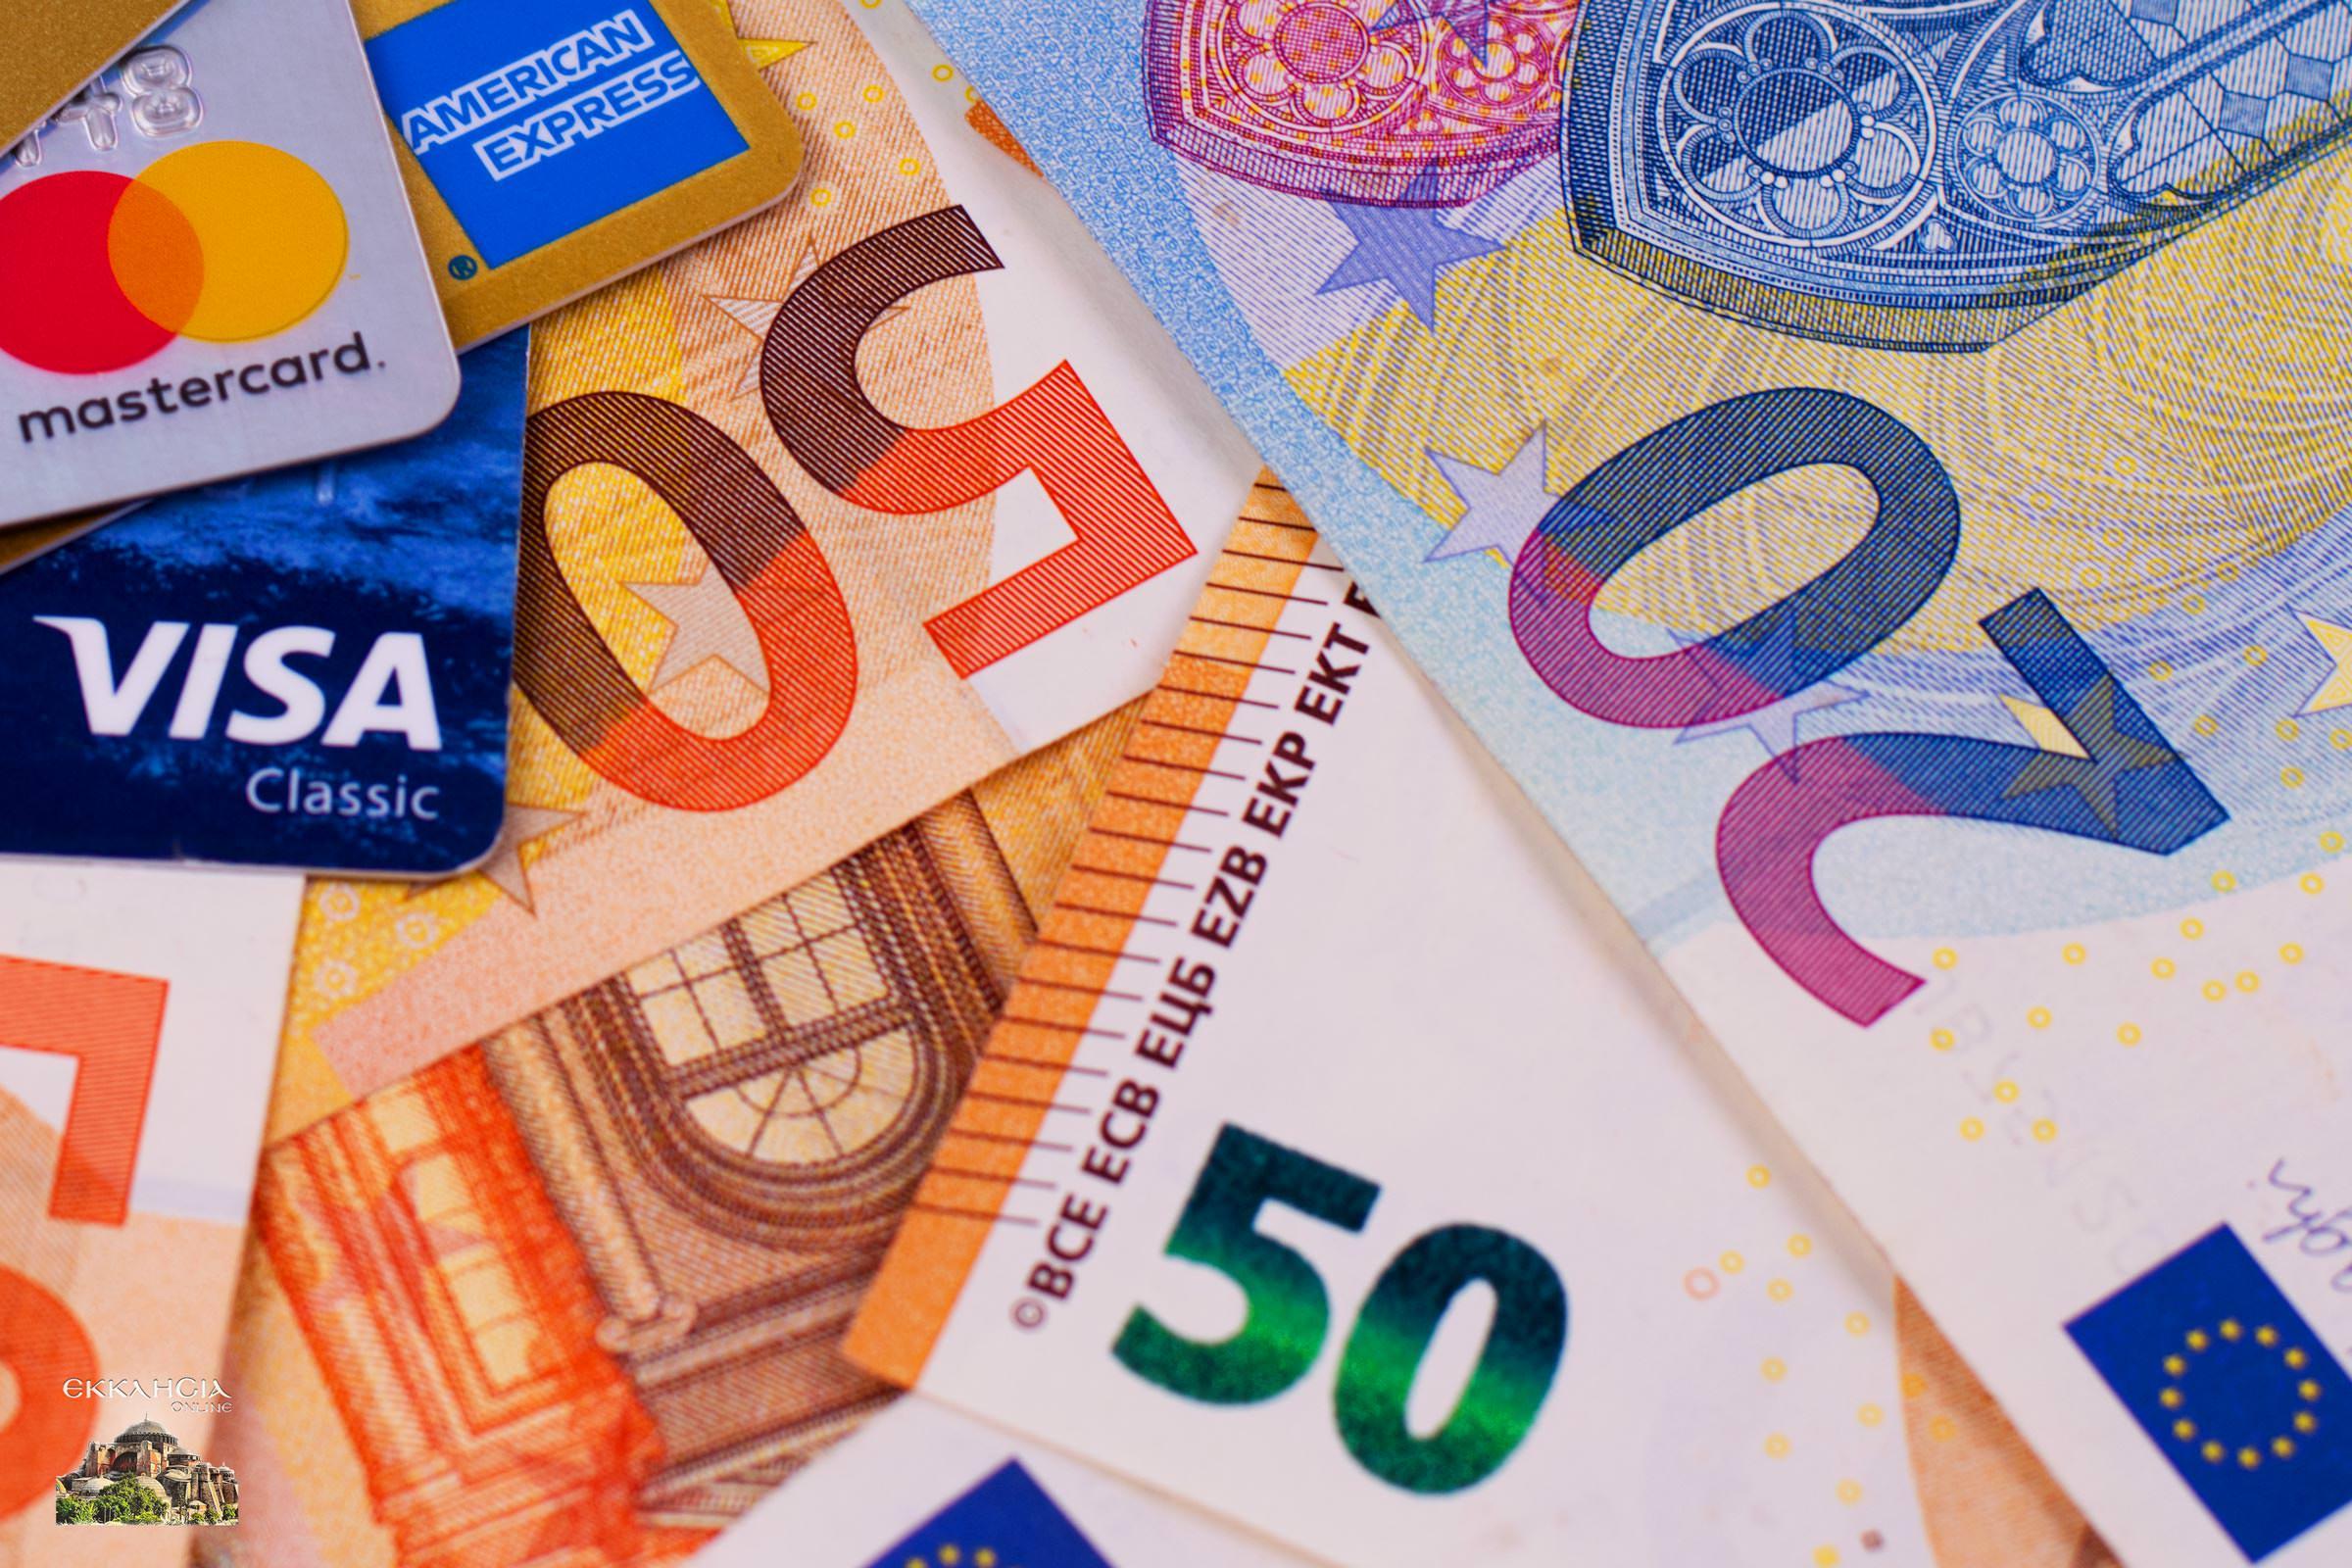 επιδόματα πληρωμές euros μετρητά